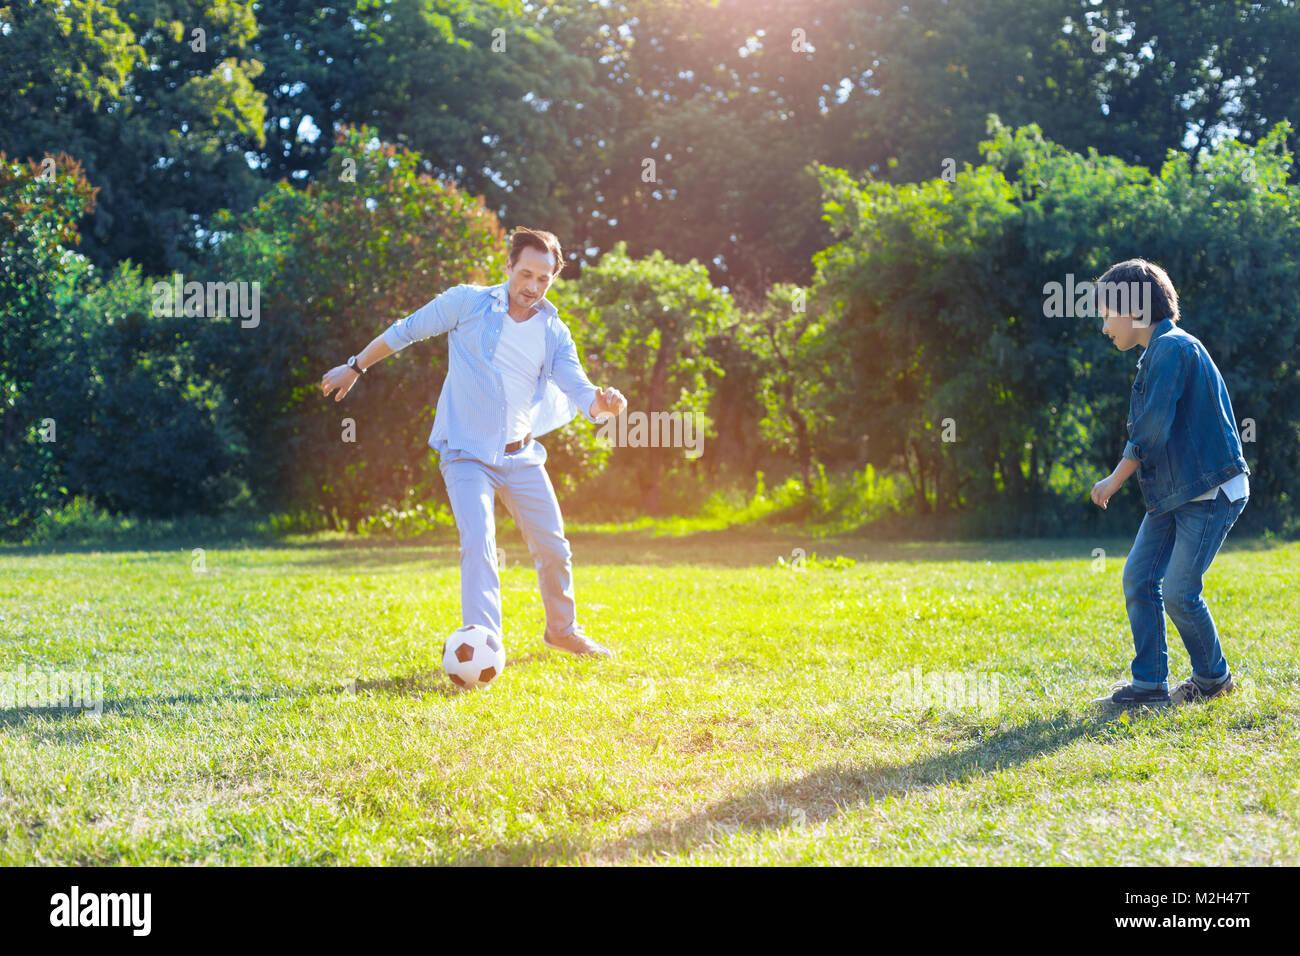 Alegre padre e hijo jugando al fútbol juntos Imagen De Stock